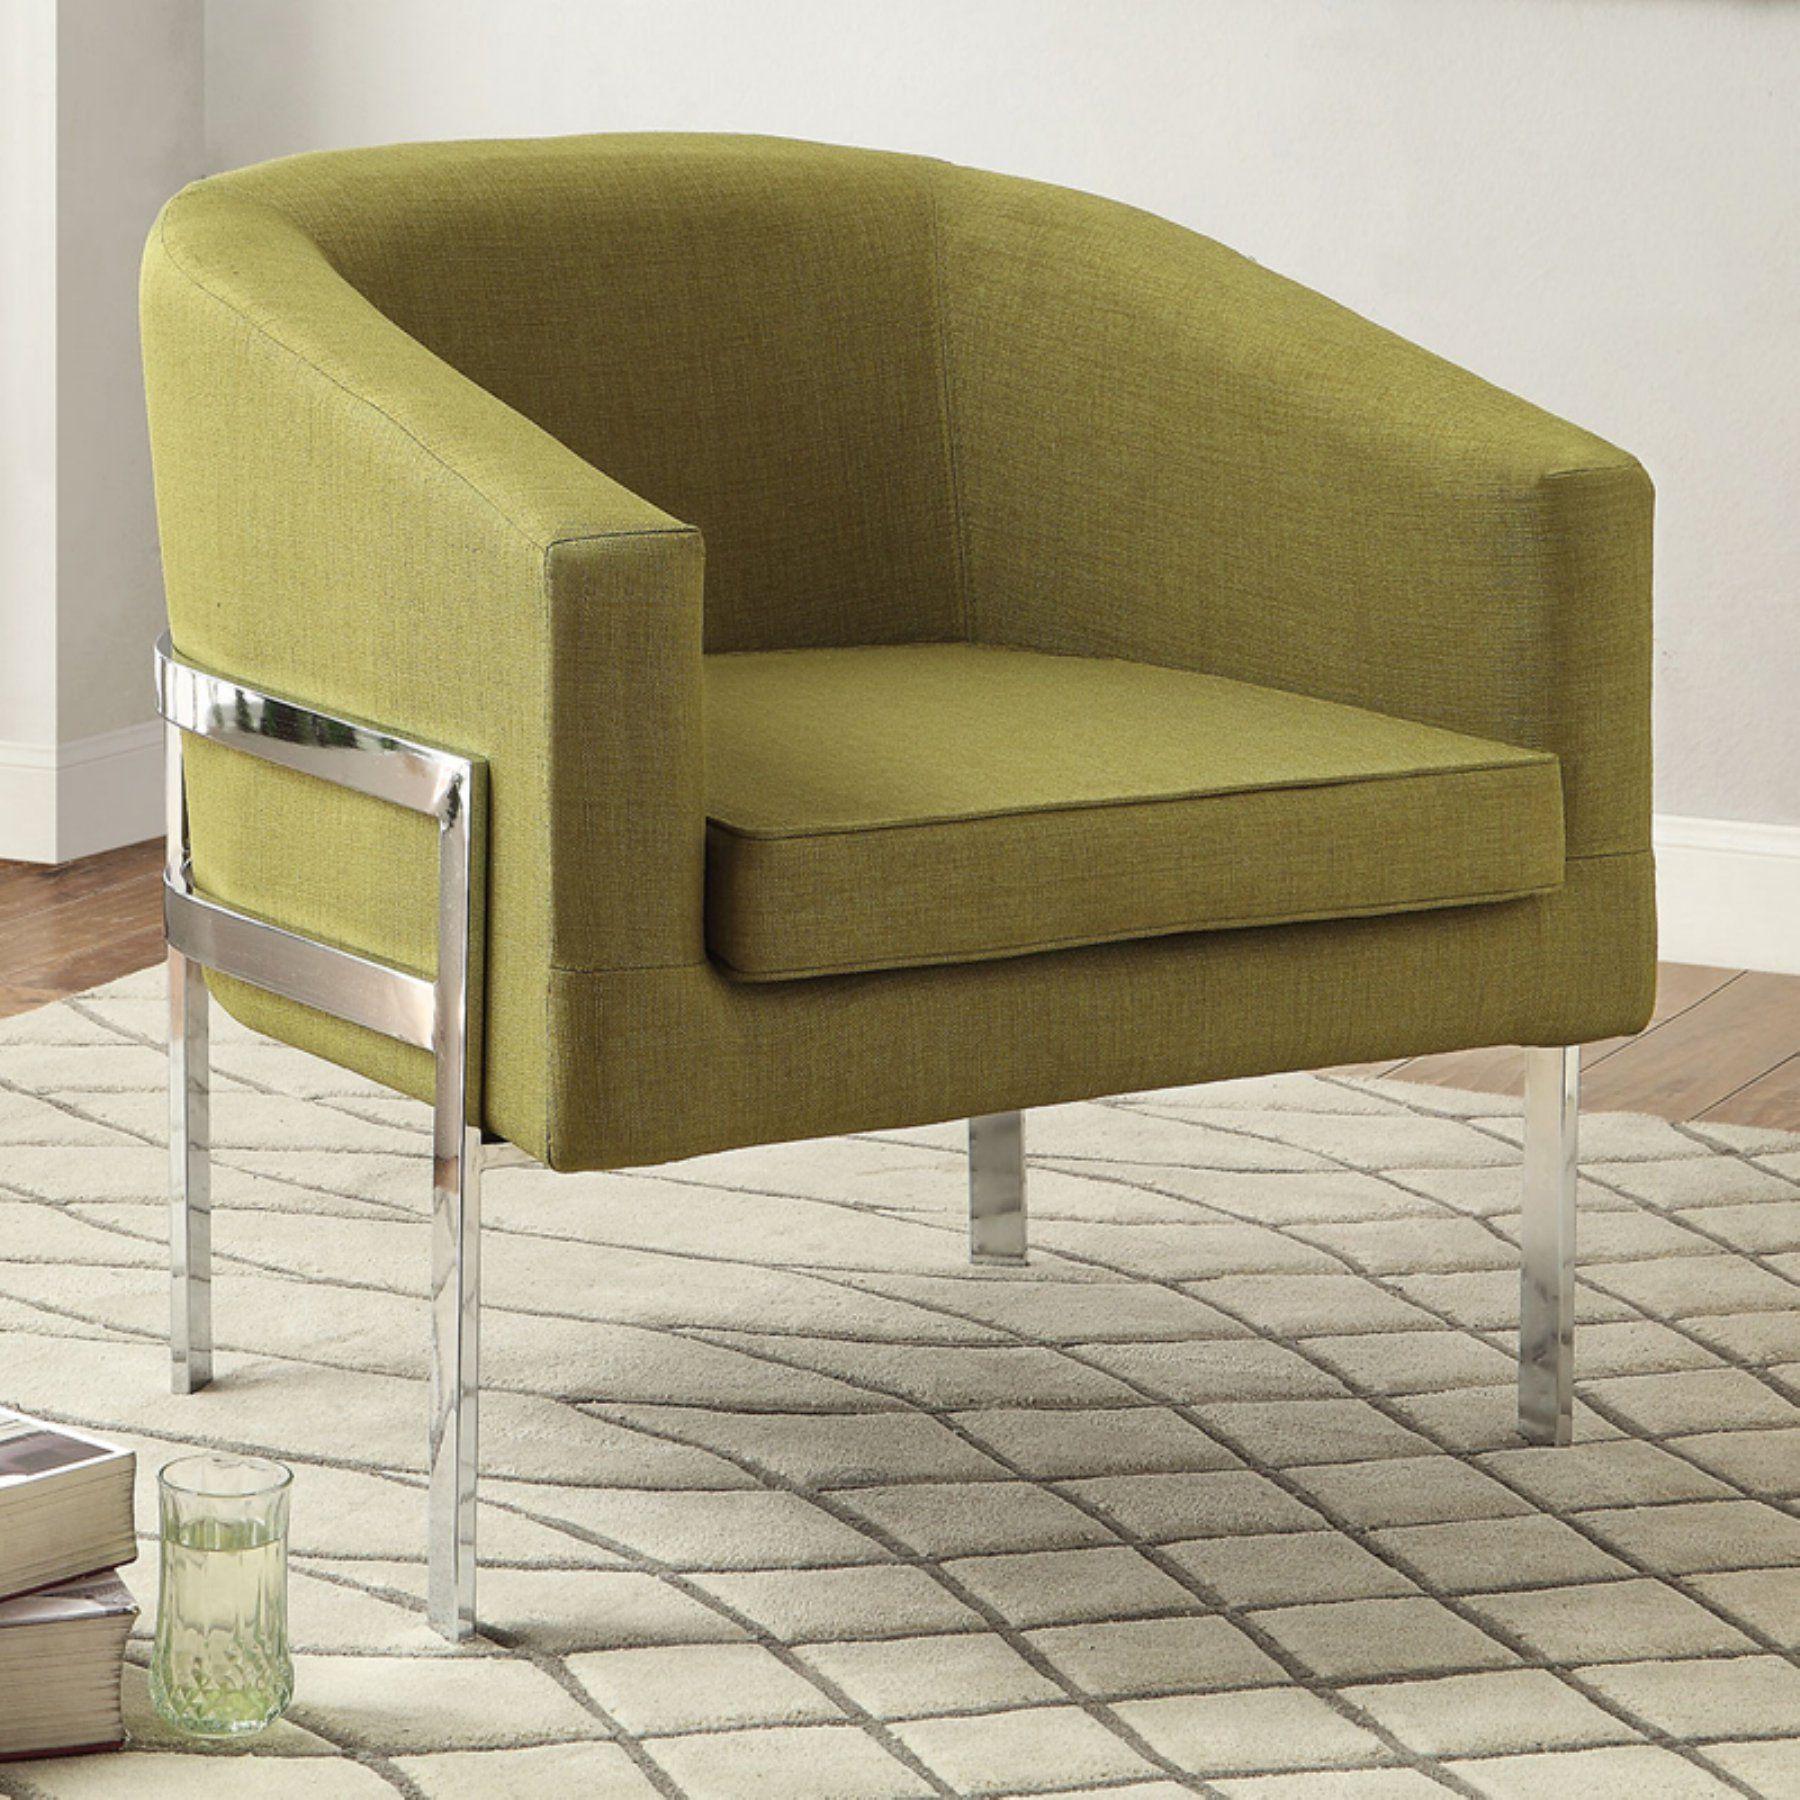 Coaster Furniture Fontuna Accent Chair 902531 Fabric